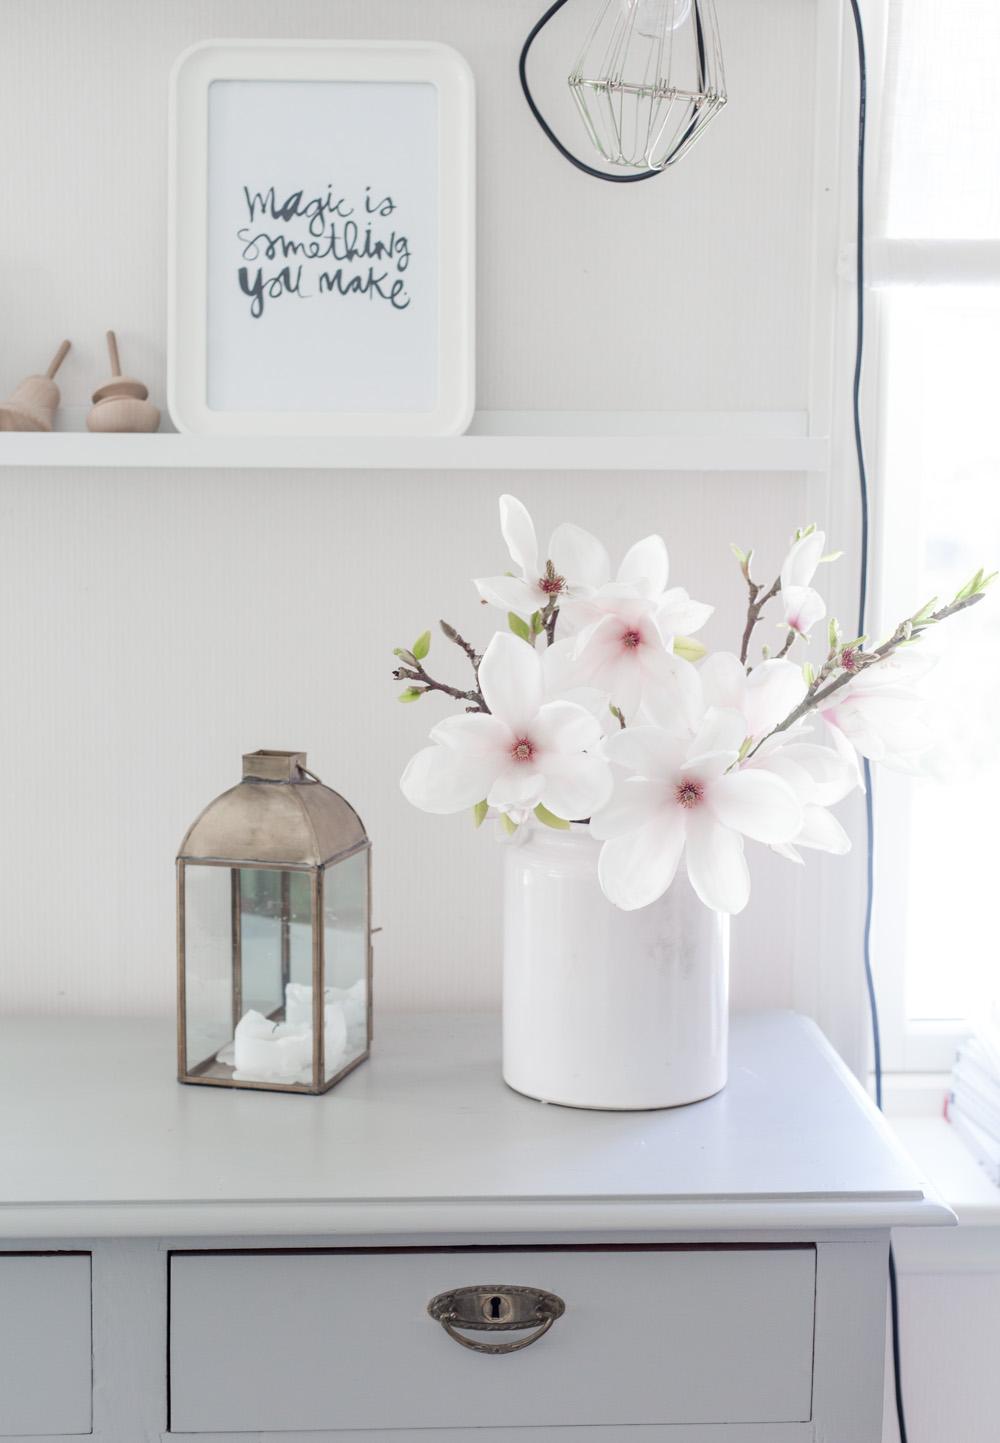 inspiración decorar con flores http://www.hommum.com/2014/05/inspiracion-decorar-con-flores.html